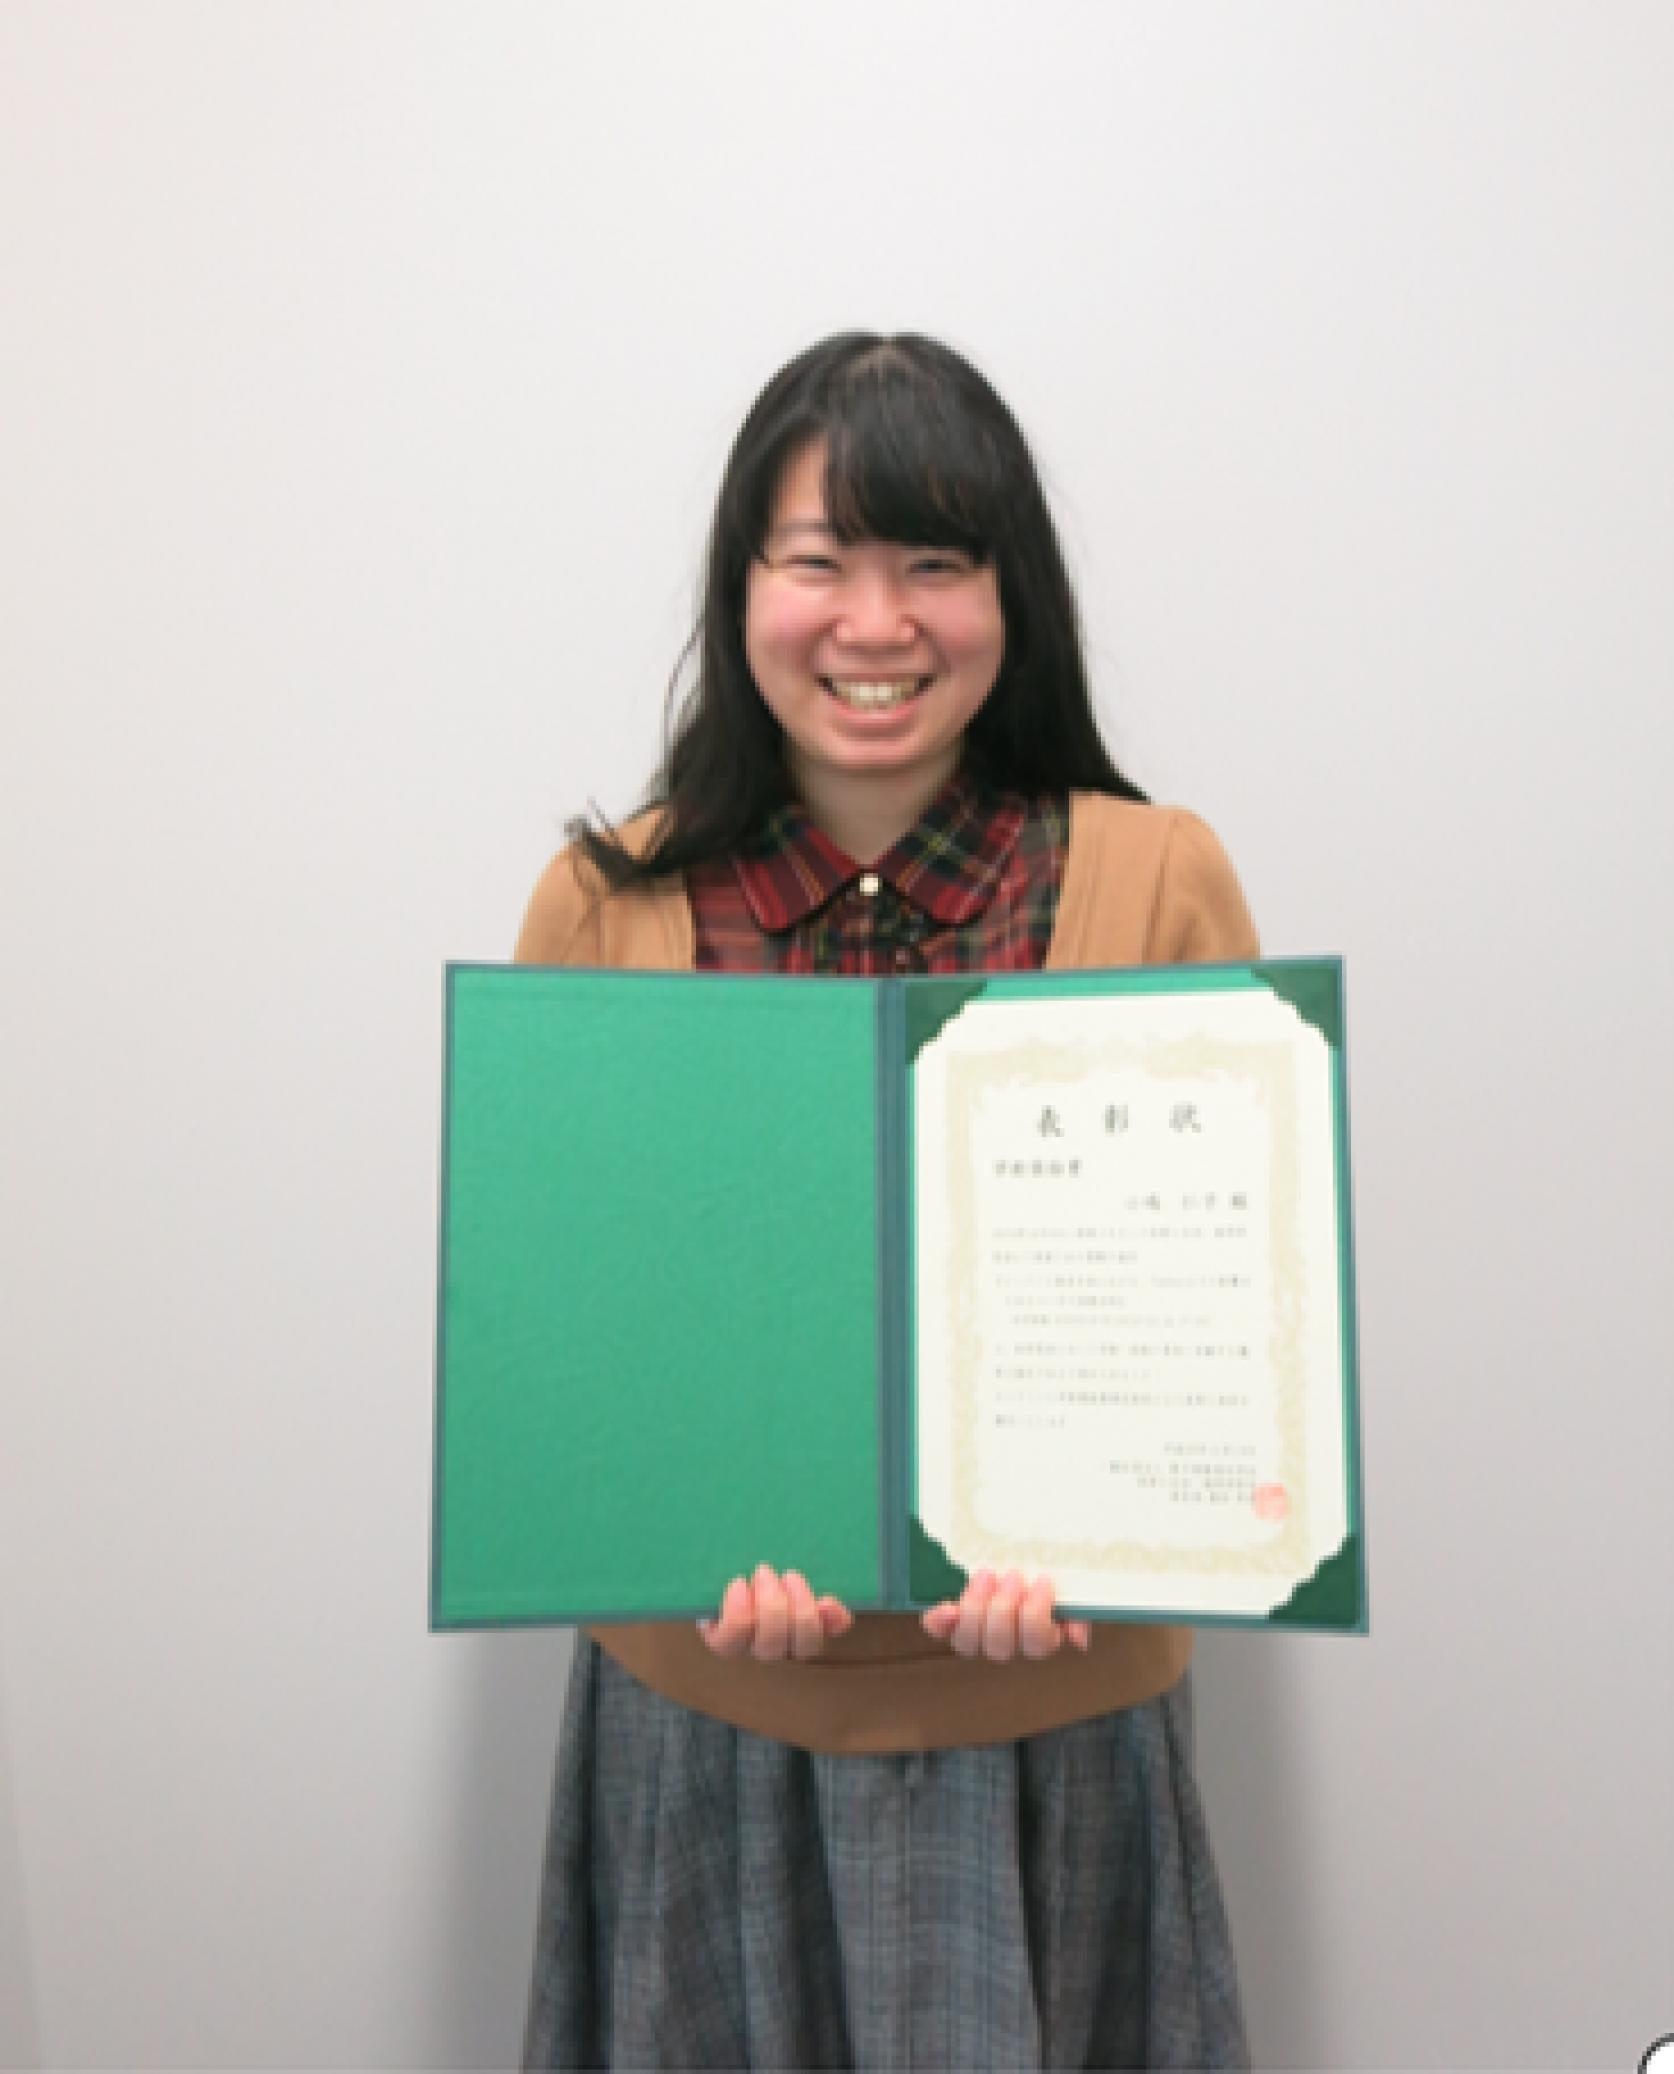 数学専攻2年の小嶋仁子さんが「電子情報通信学会 技術と社会・倫理(SITE)研究会」において、学術奨励賞を受賞しました。